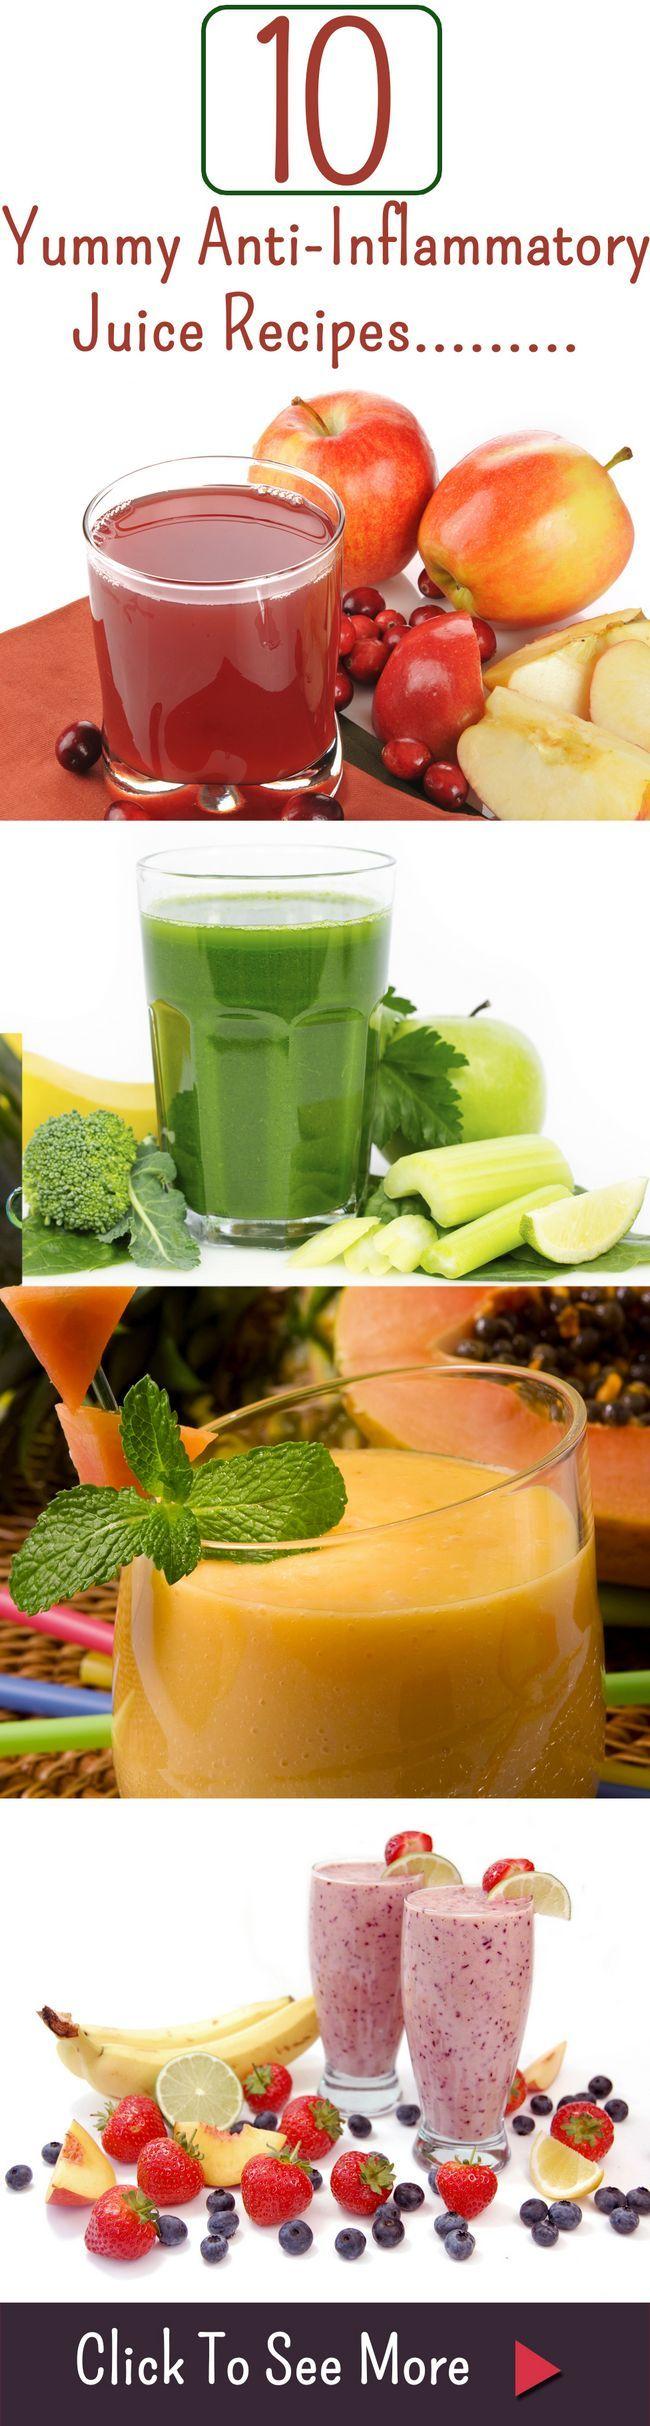 10 Yummy entzündungshemmende Saft Rezepte und deren Nutzen für die Gesundheit